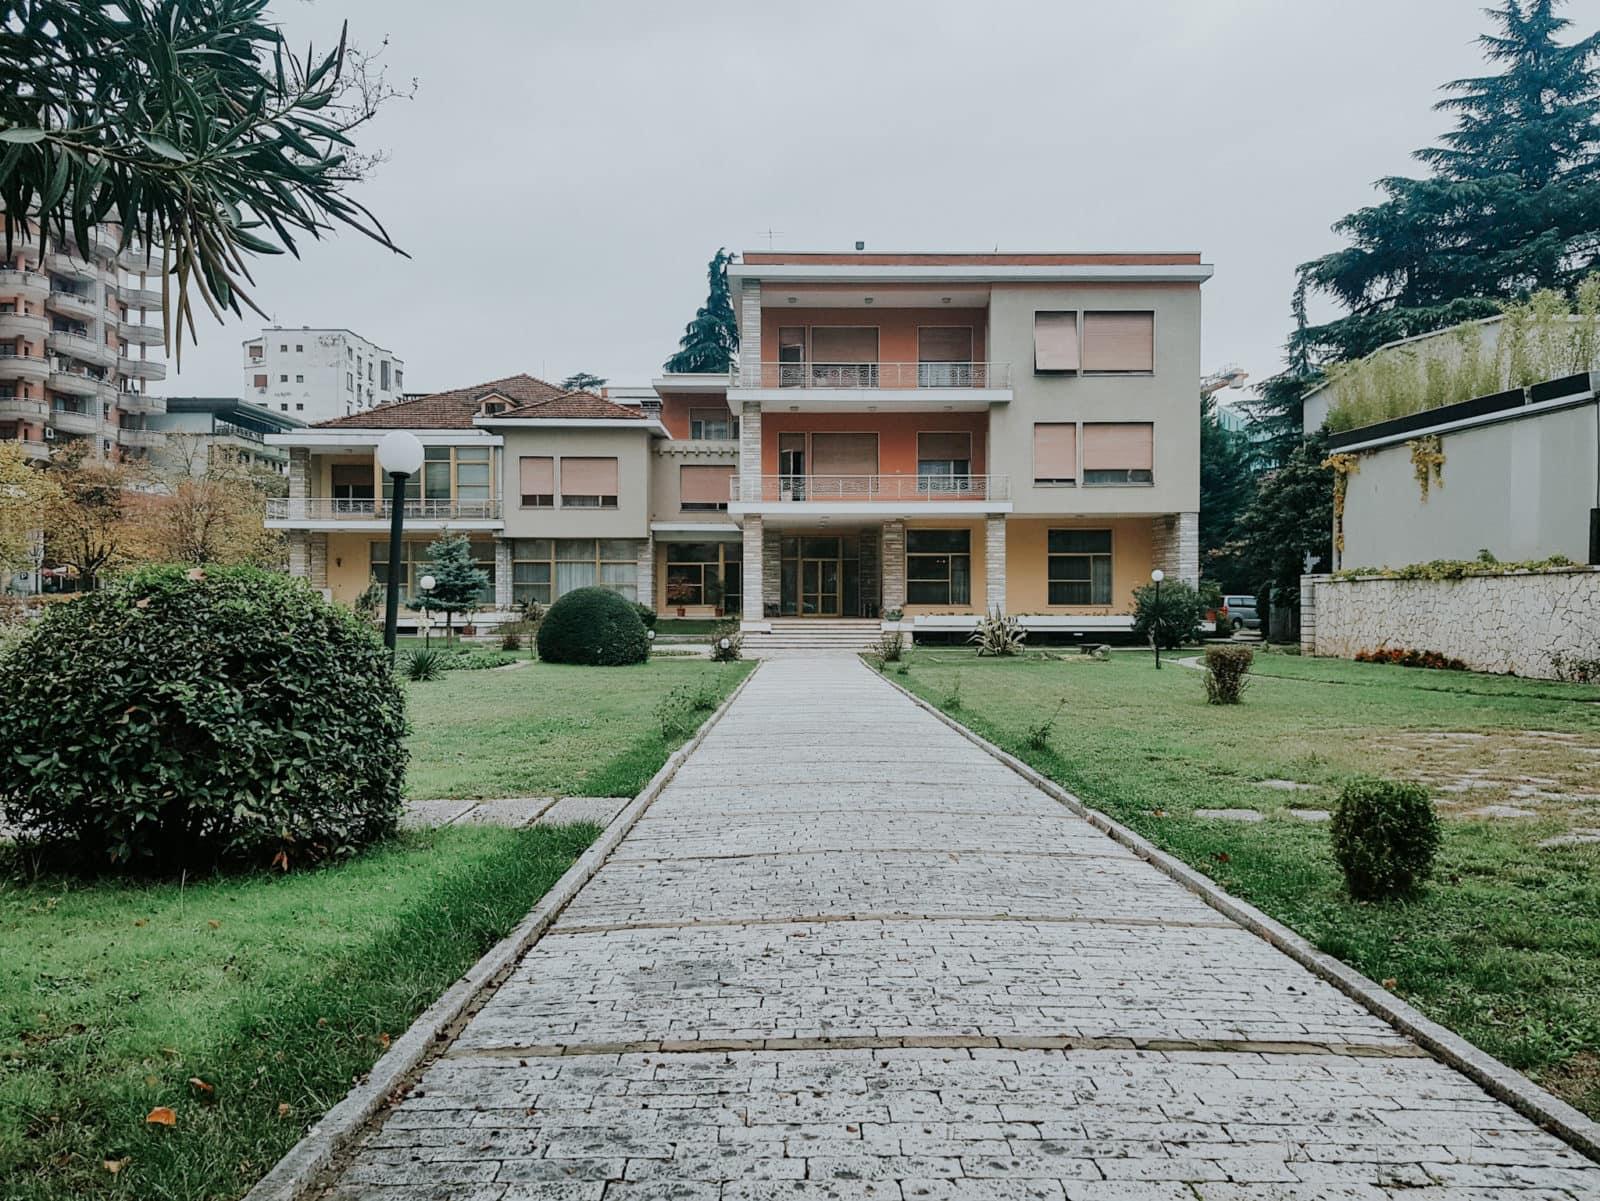 Tirana Sehenswürdigkeiten Villa Enver Hoxha